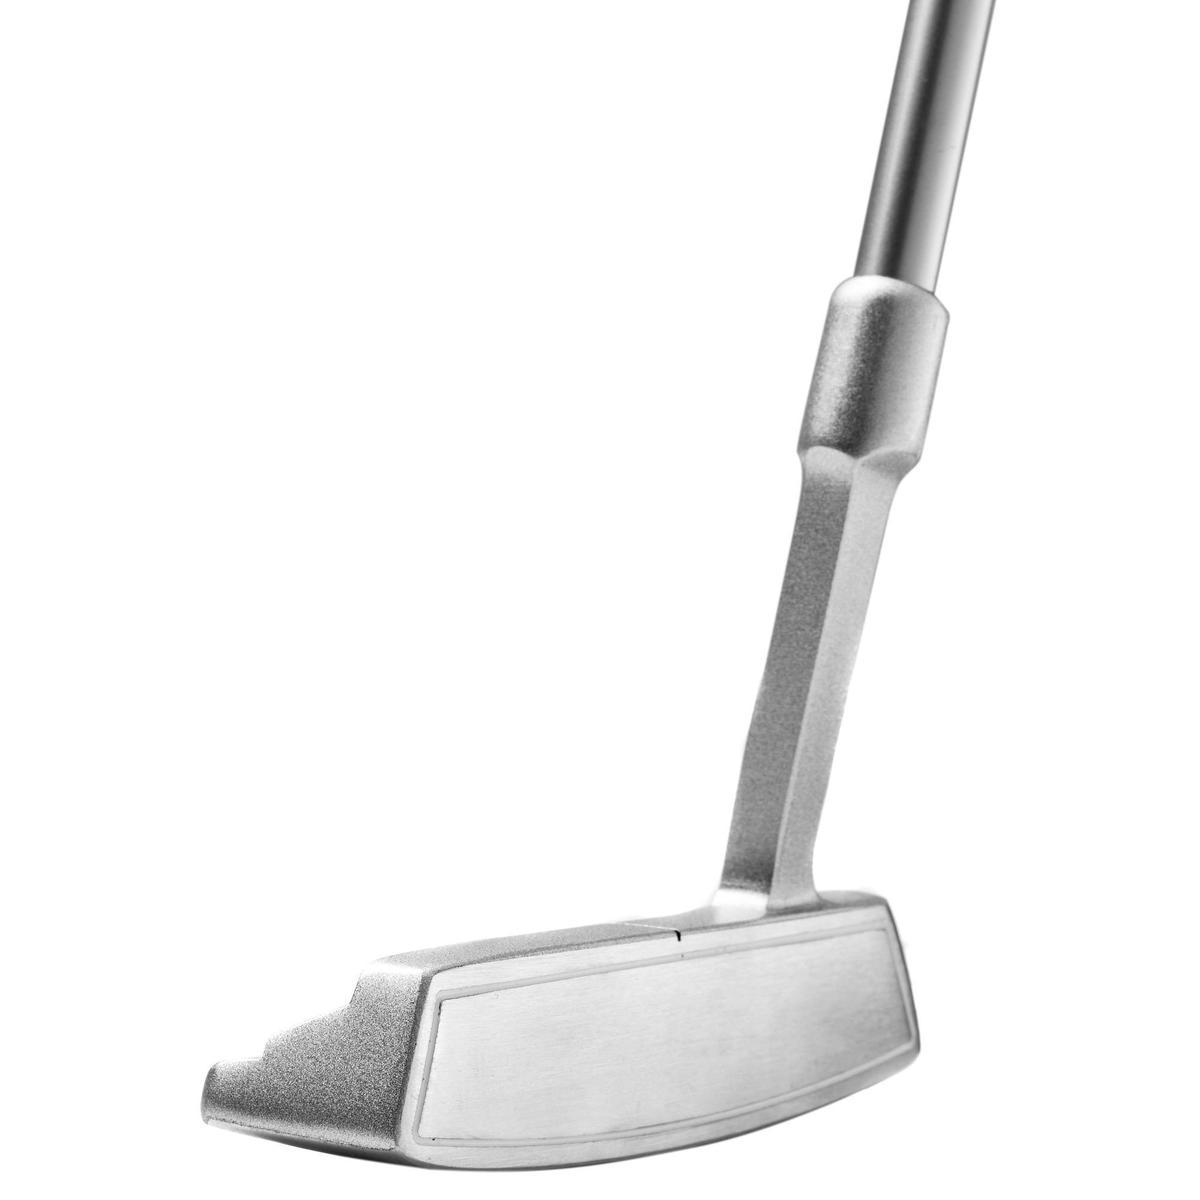 Bild 4 von Golf Putter 500 RH Golfschläger Kinder 5-7 Jahre